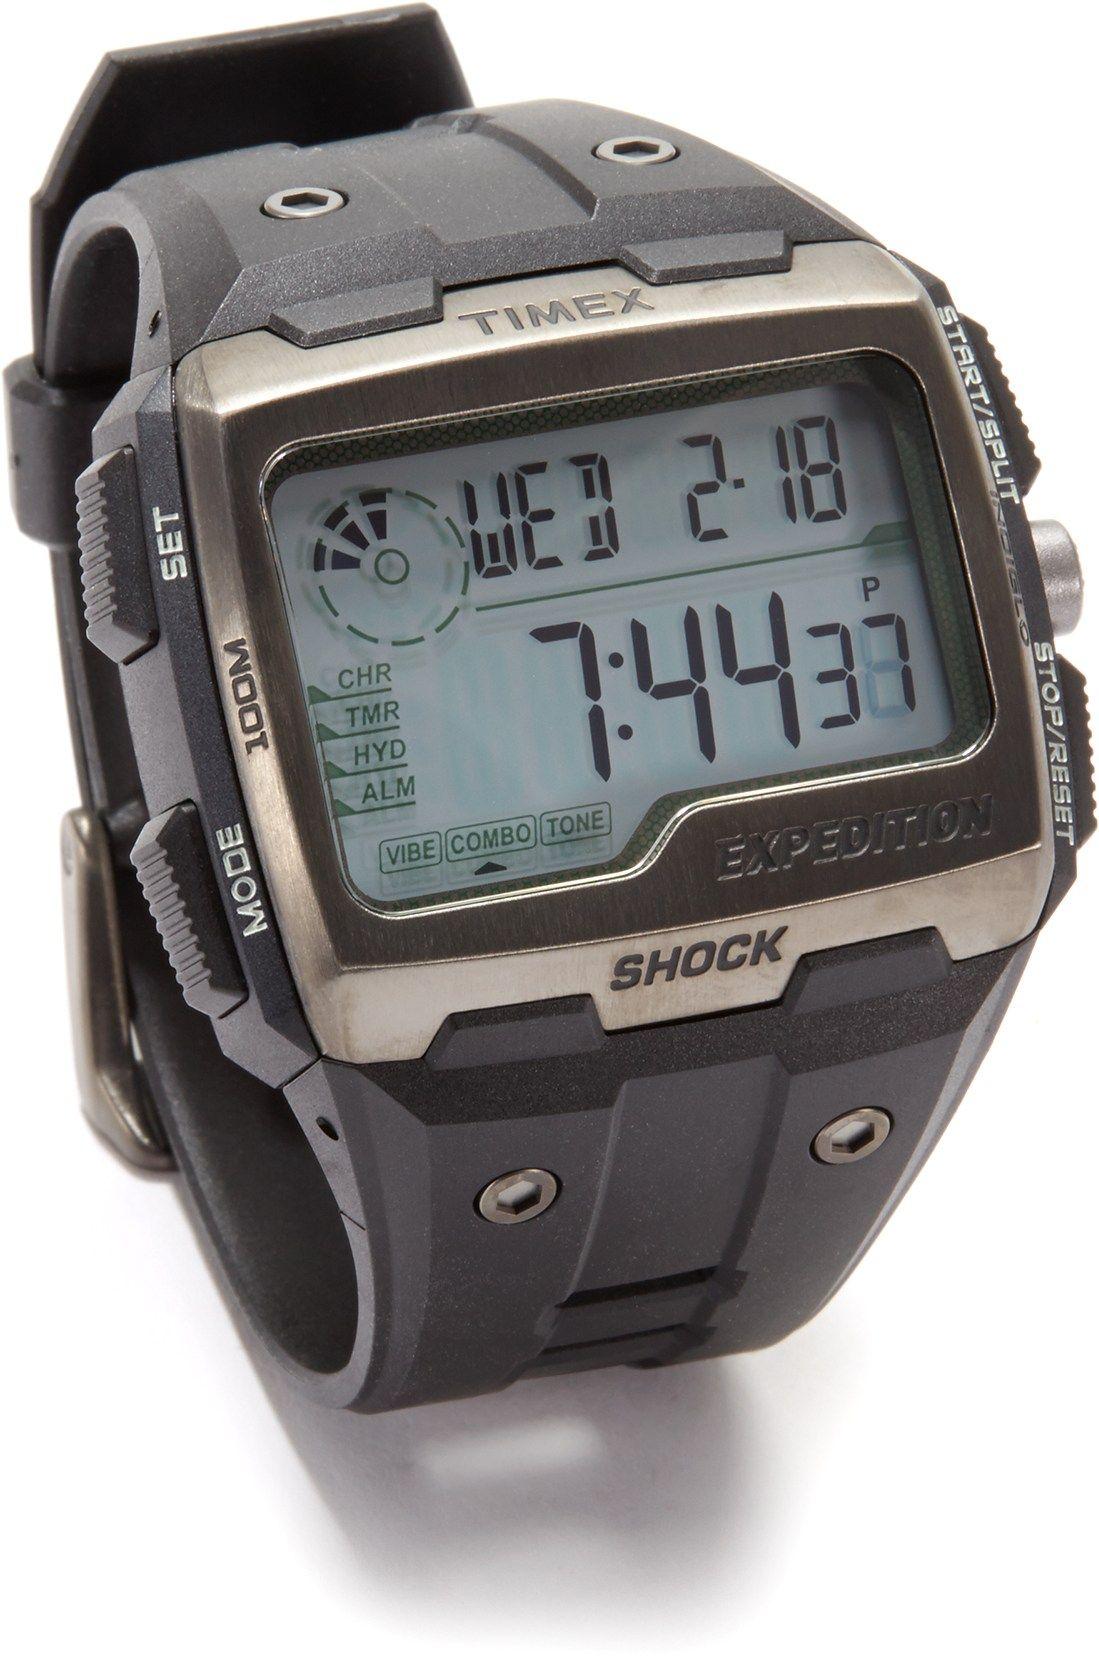 timex grid shock digital electronics